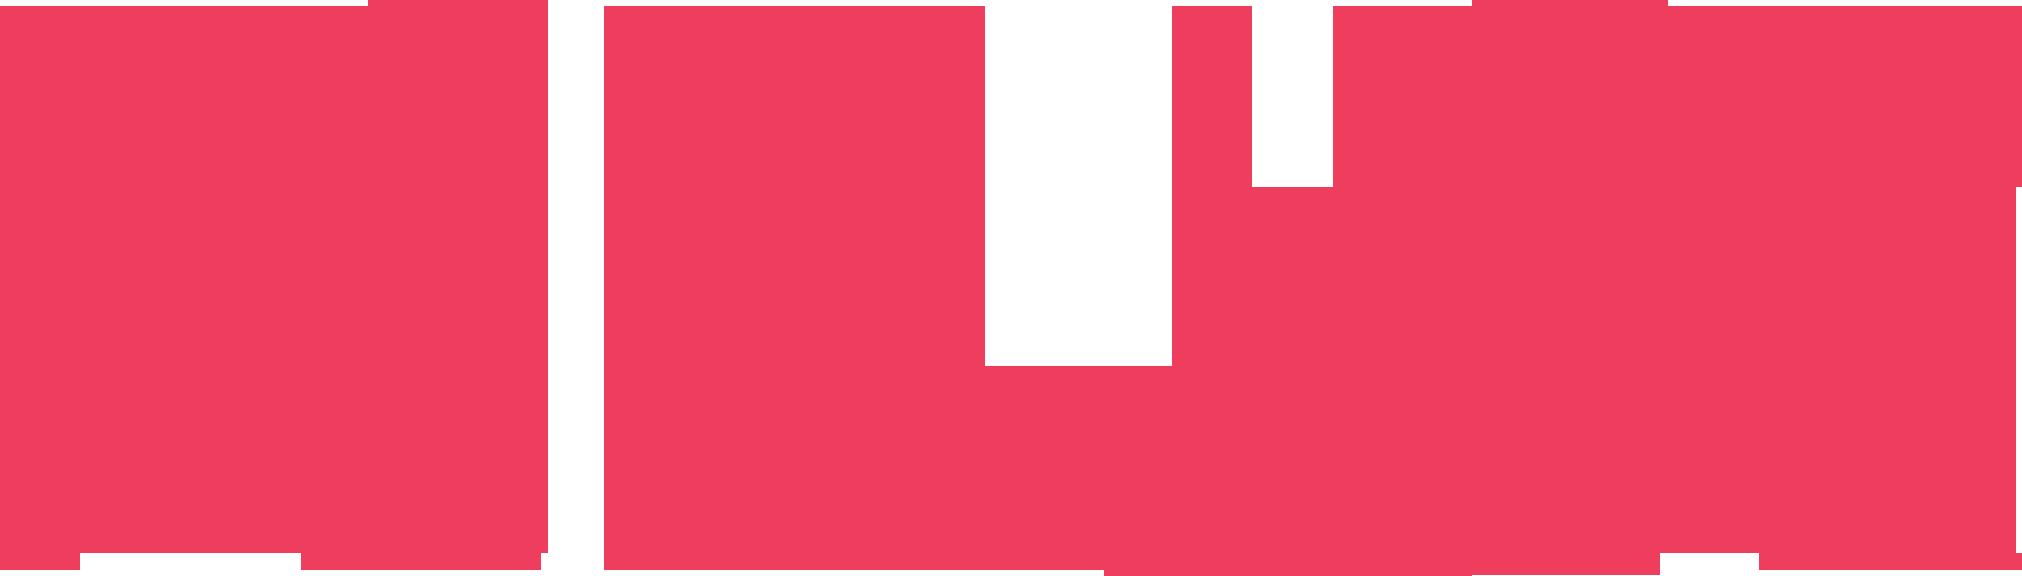 Podluck Logo